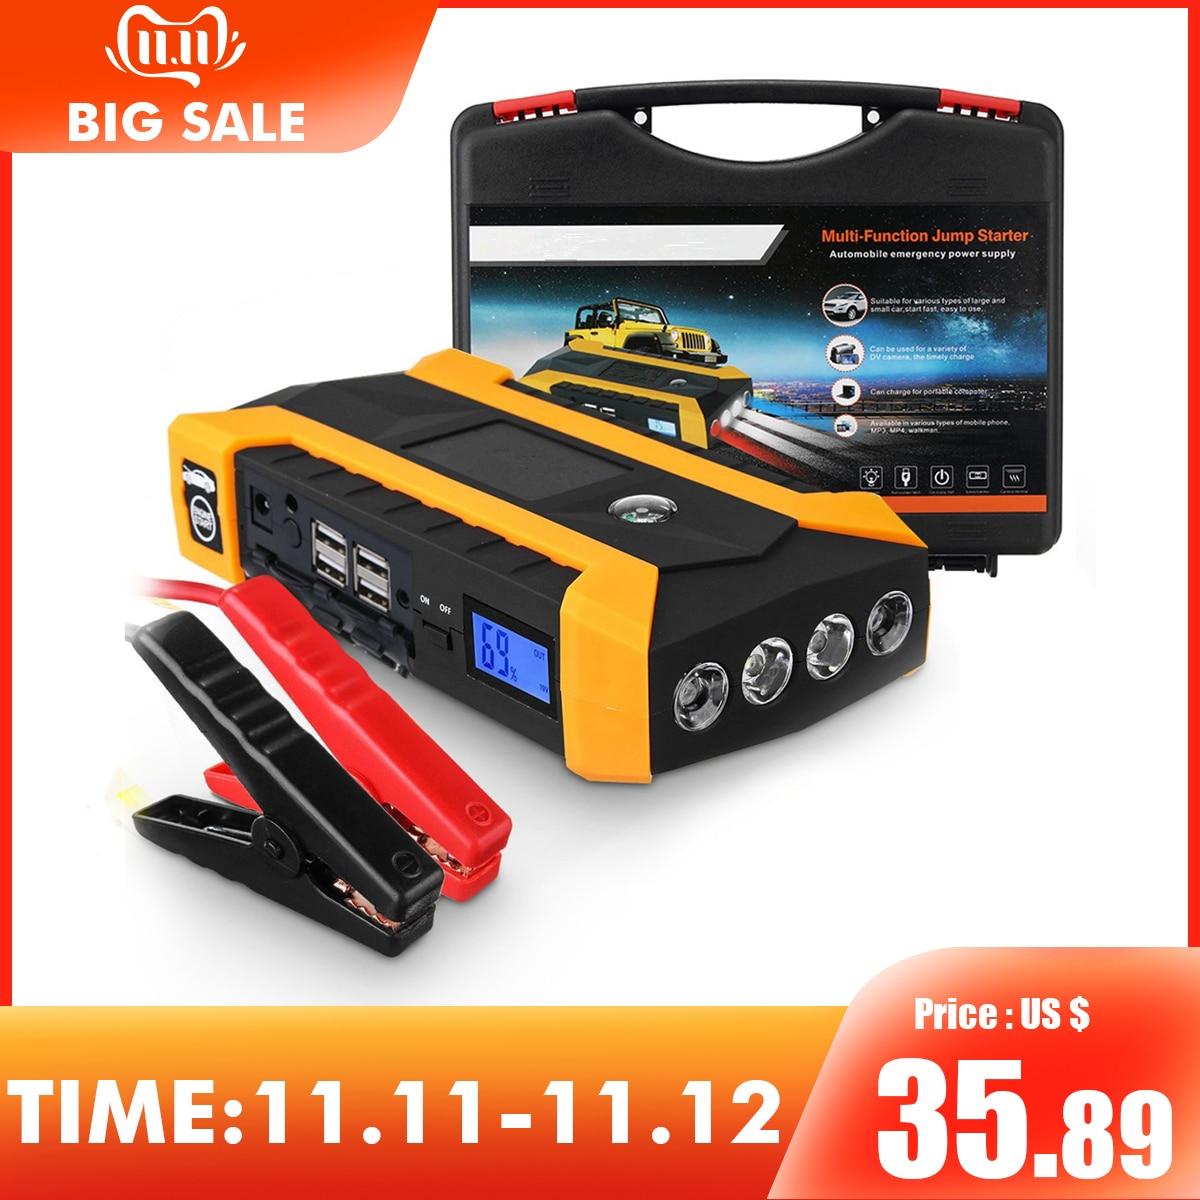 Démarreur de saut multifonction 89800 mAh 12 V 4USB 600A chargeur de batterie de voiture Portable Booster batterie externe dispositif de démarrage